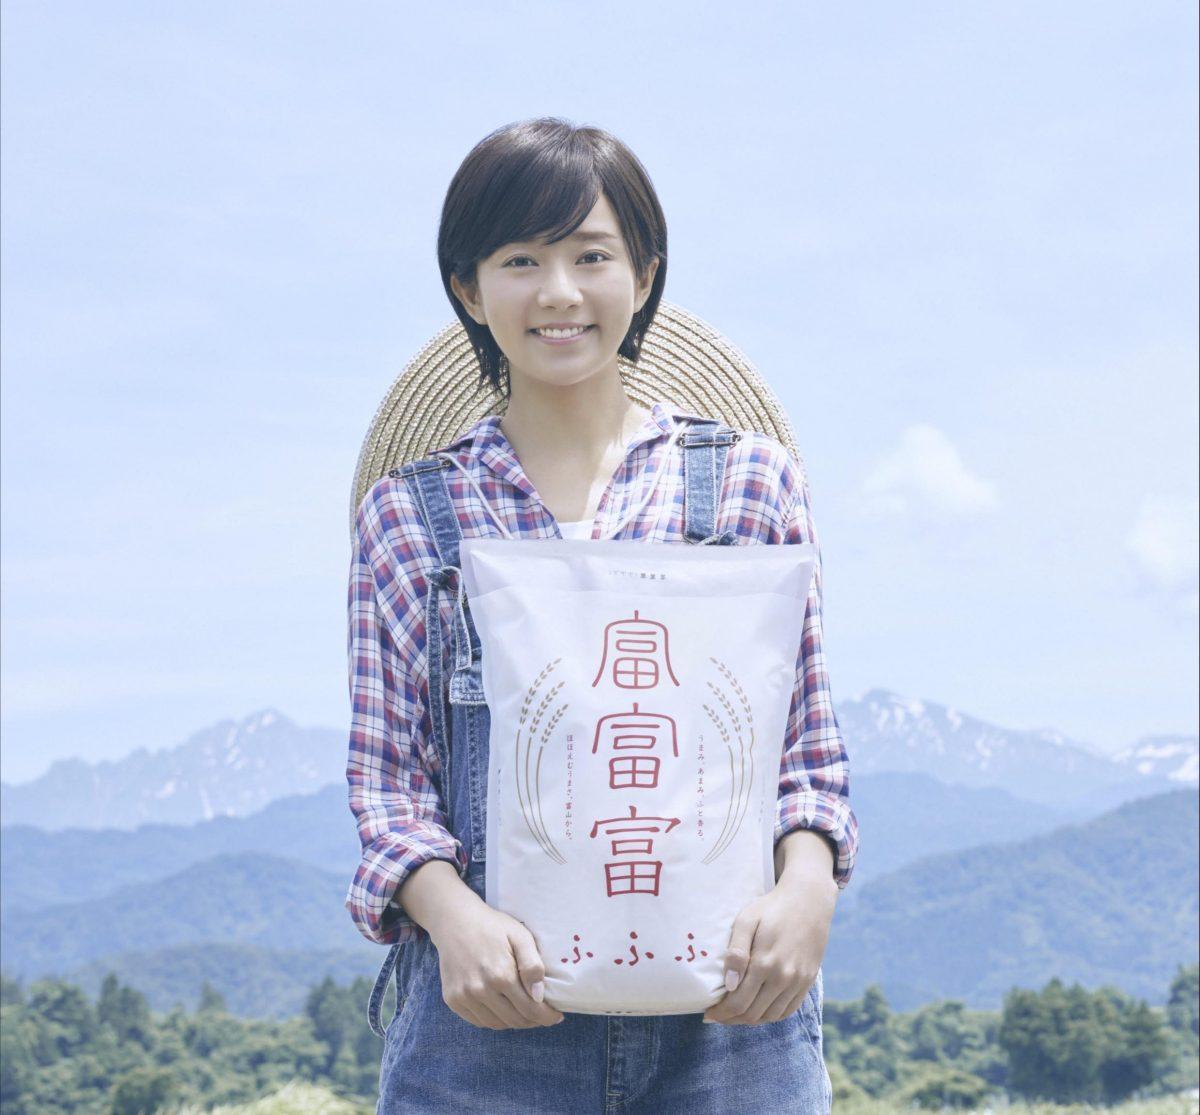 富山の新しいお米!富富富(ふふふ)入荷のお知らせ!